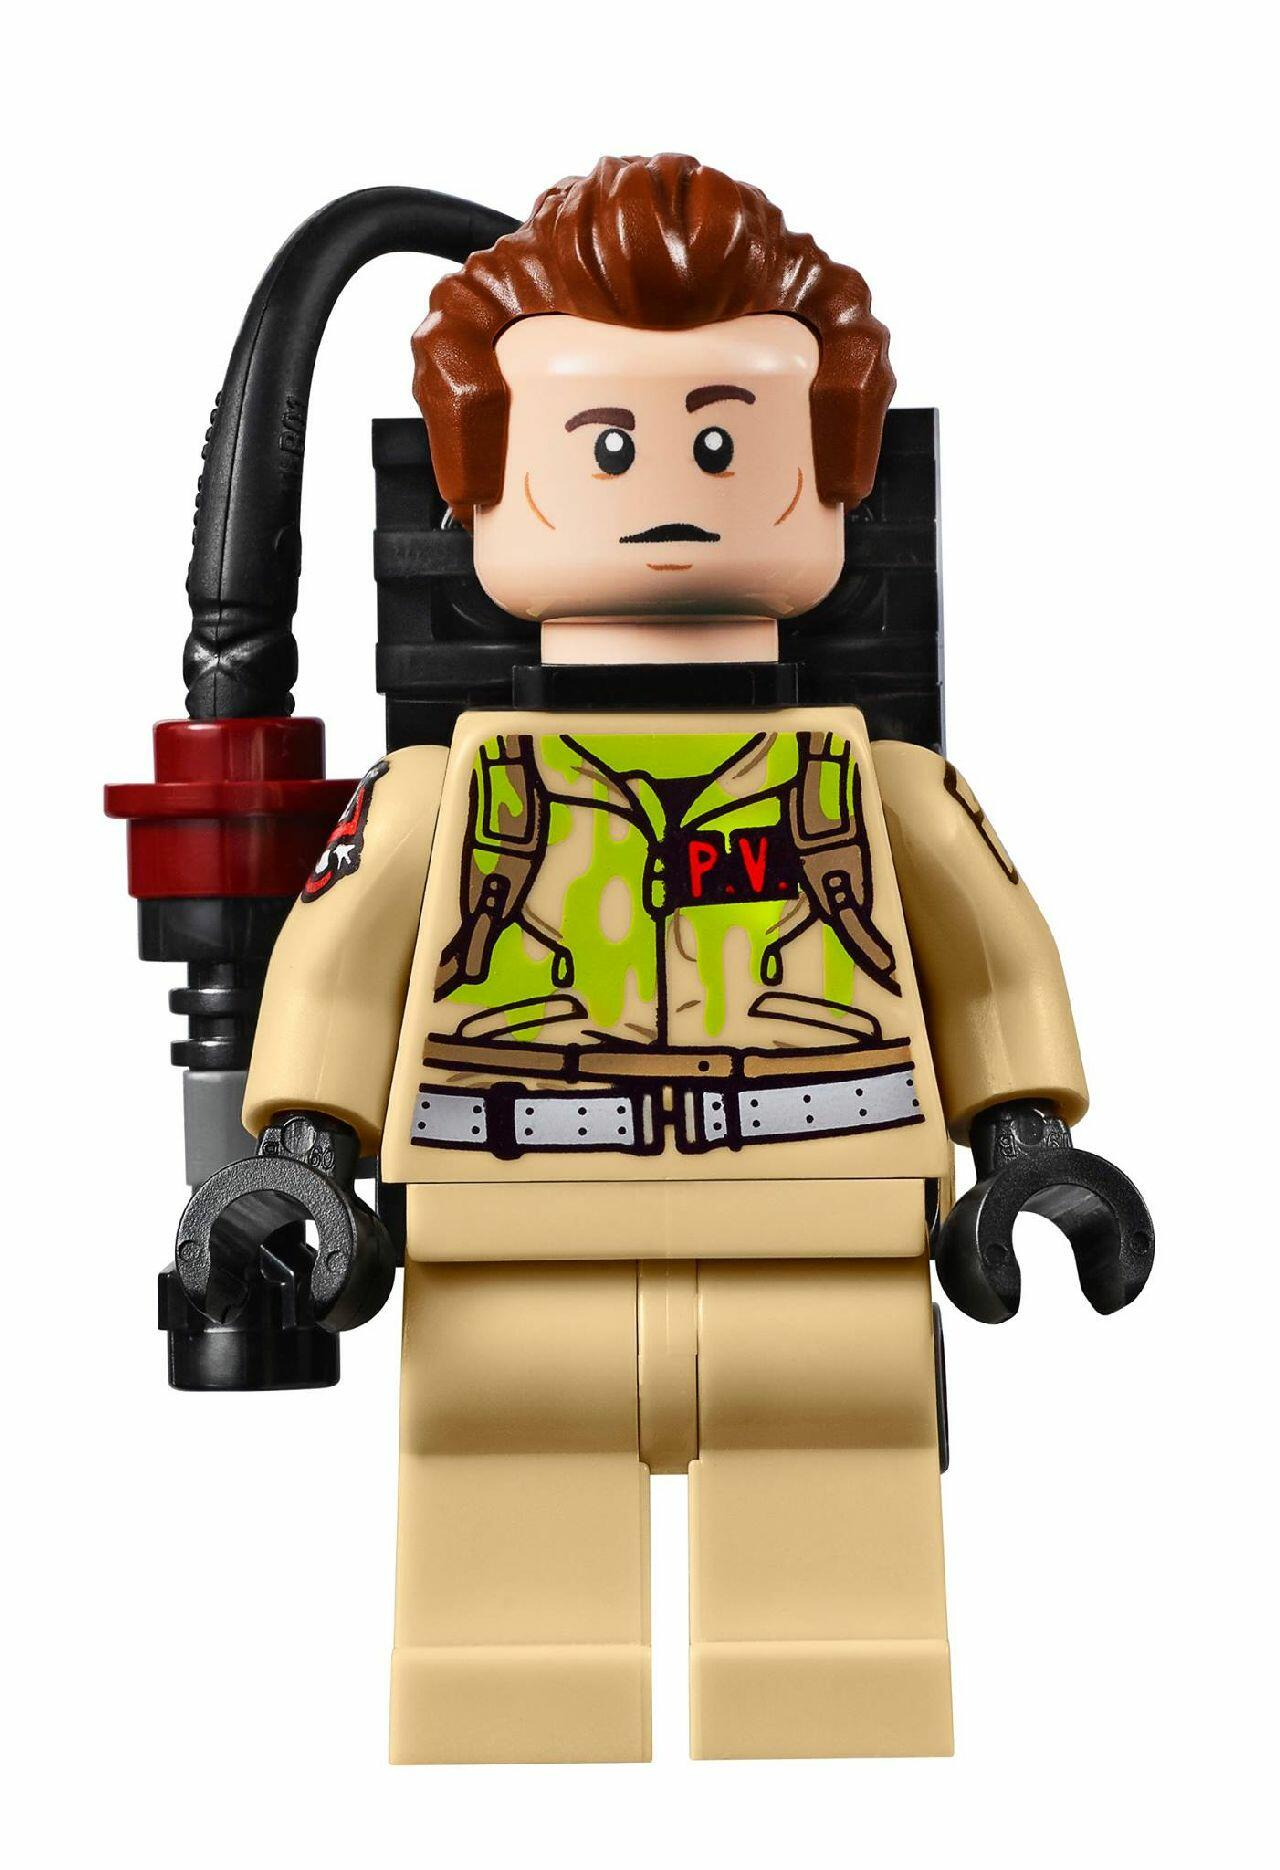 Seht das Ghostbusters-Hauptquartier in LEGO-Form - Bild 16 von 27